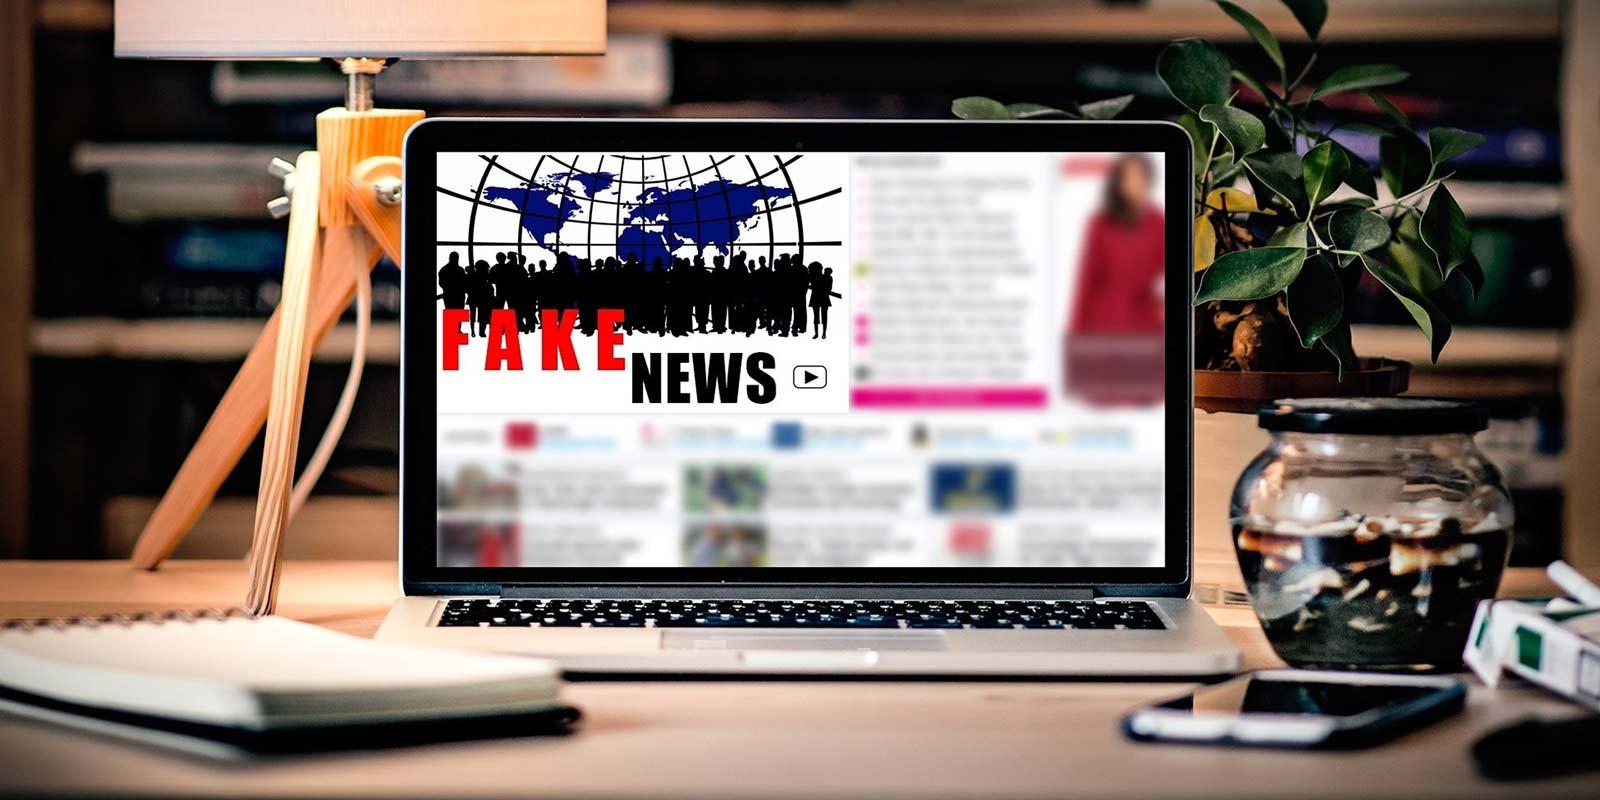 Pozor na Fake news aneb jak se nezamotat v informačních sítích